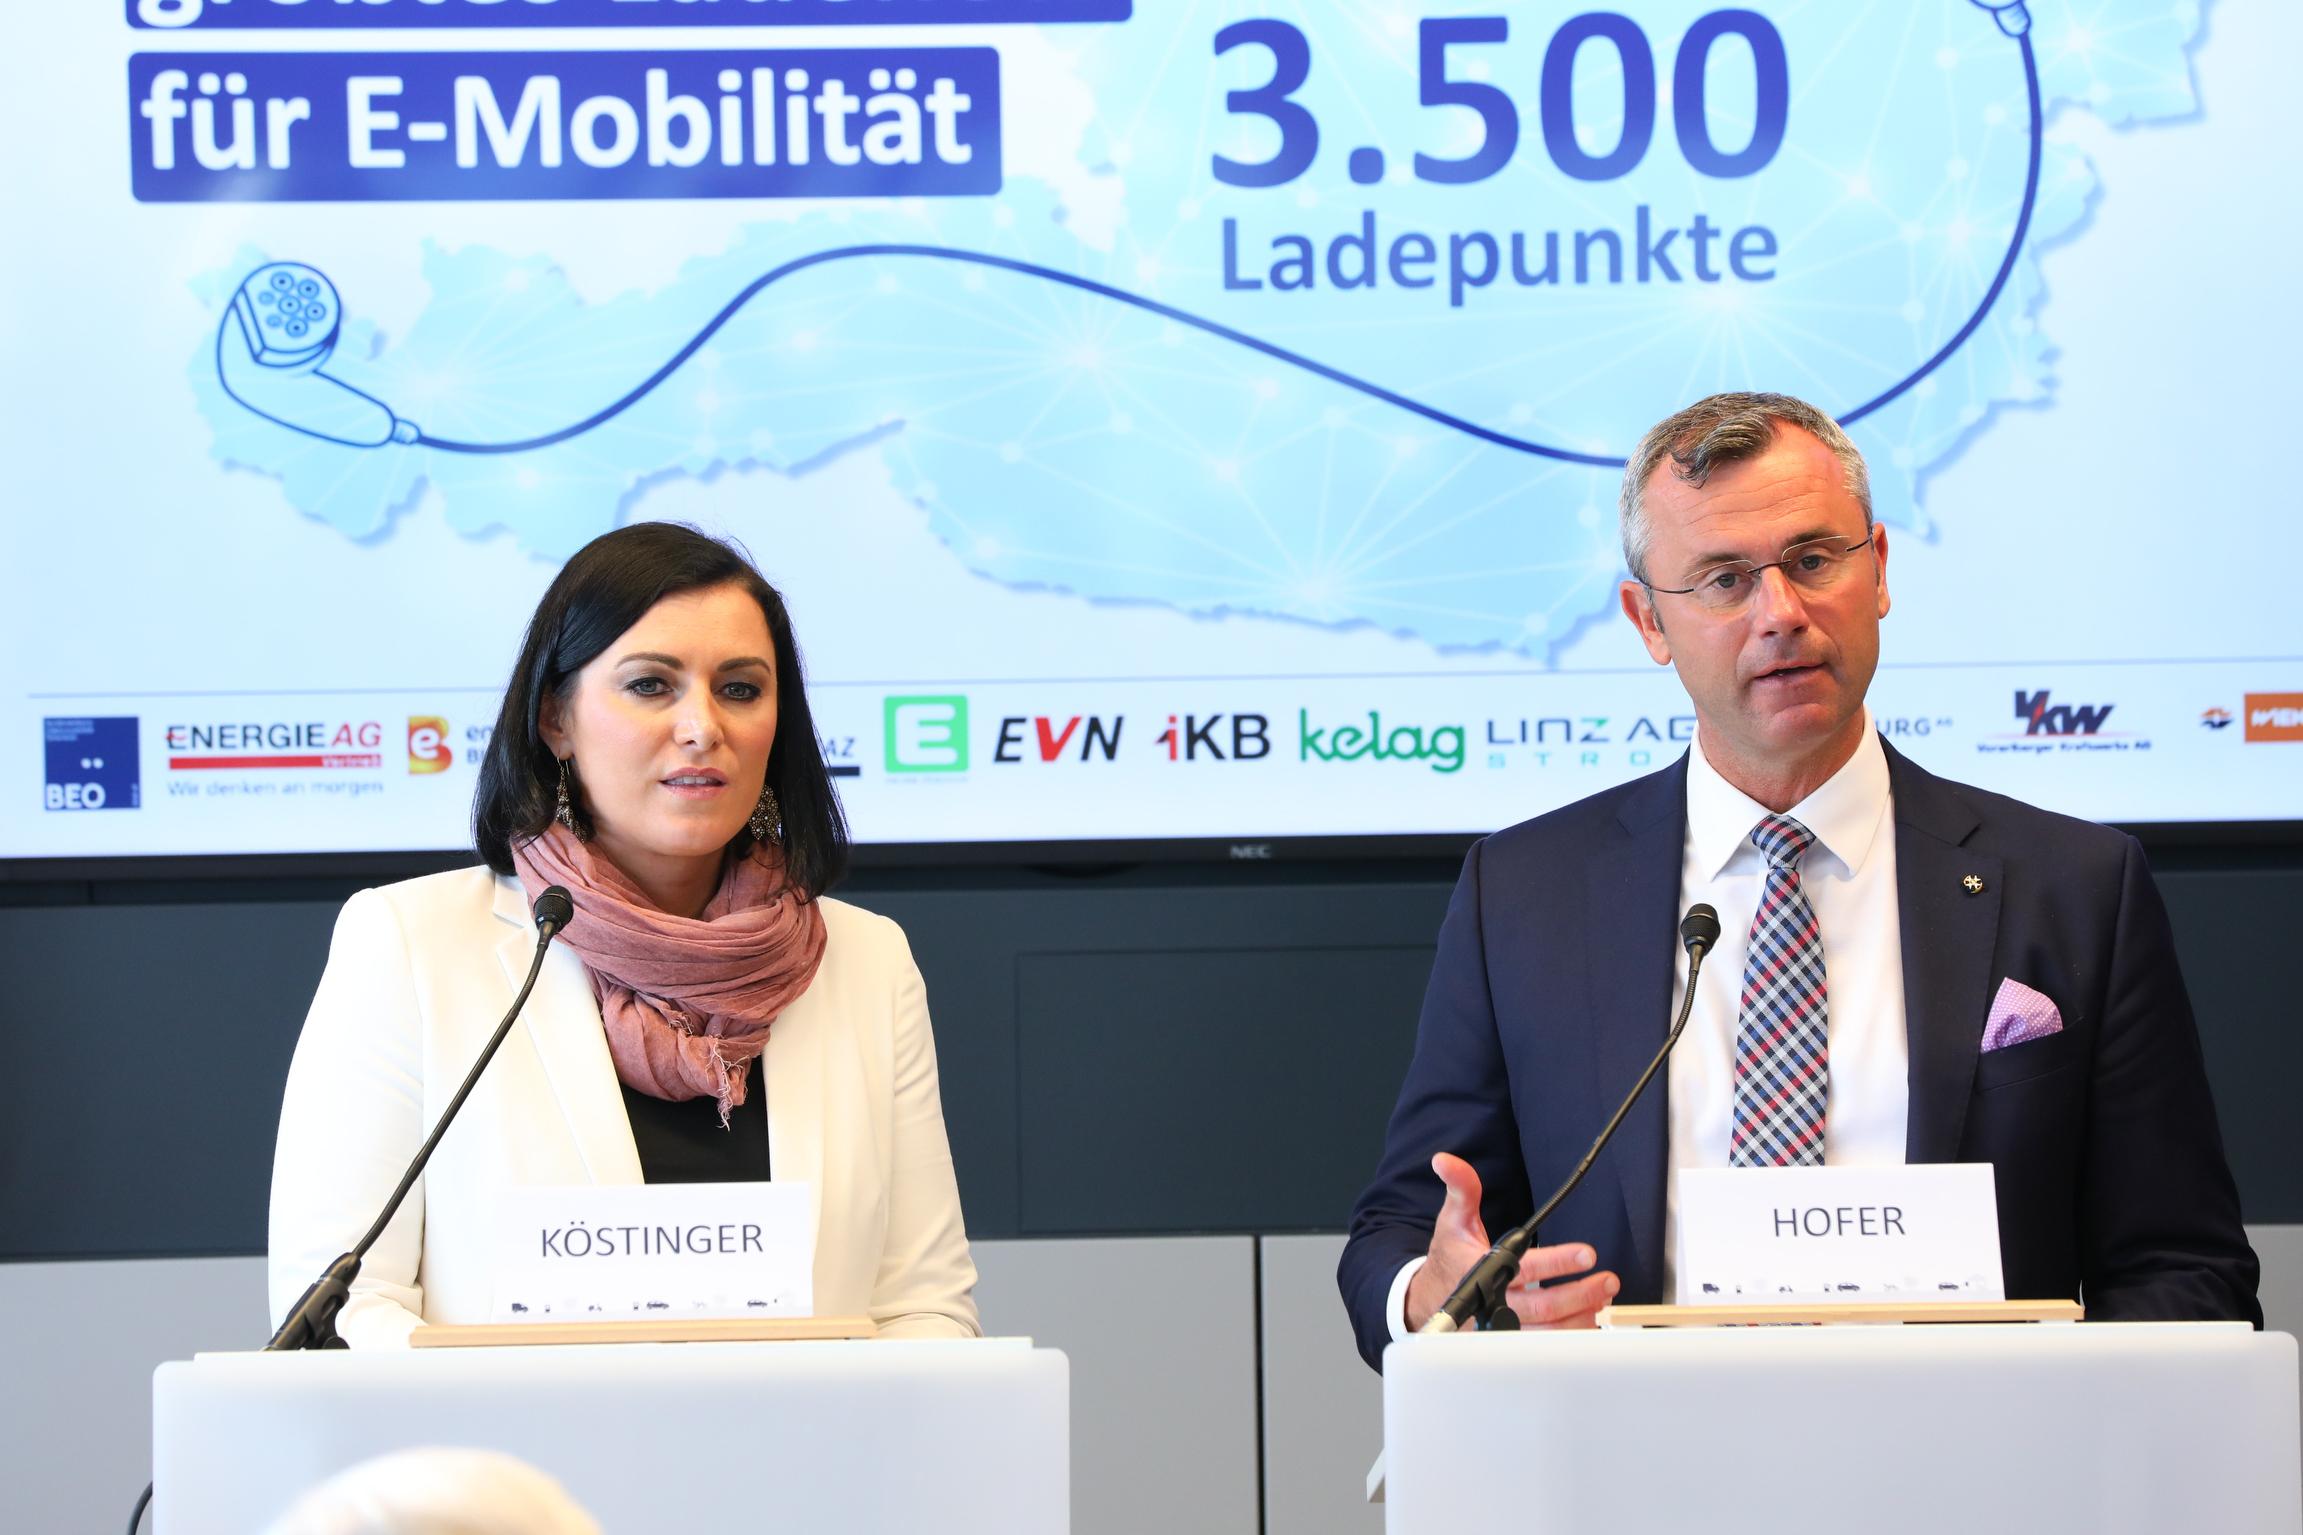 Meilenstein für E-Mobilität